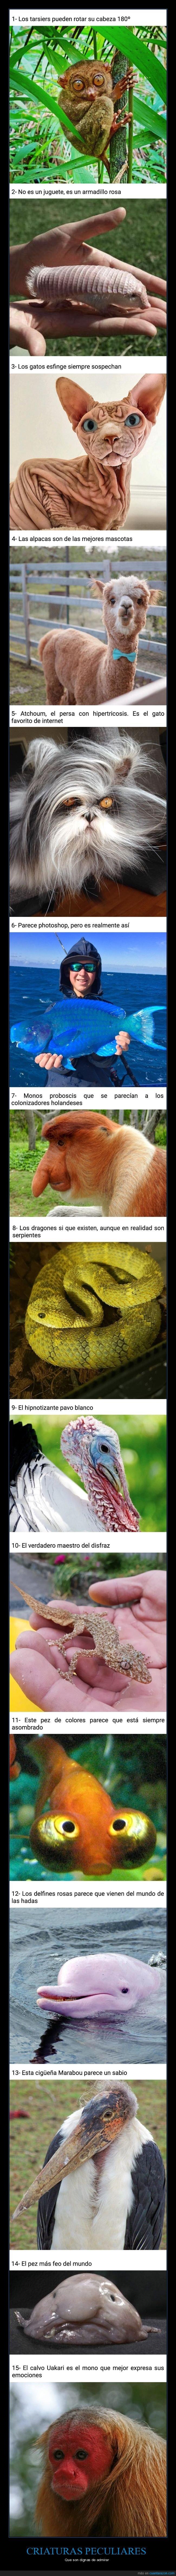 animales,curiosidades,peculiares